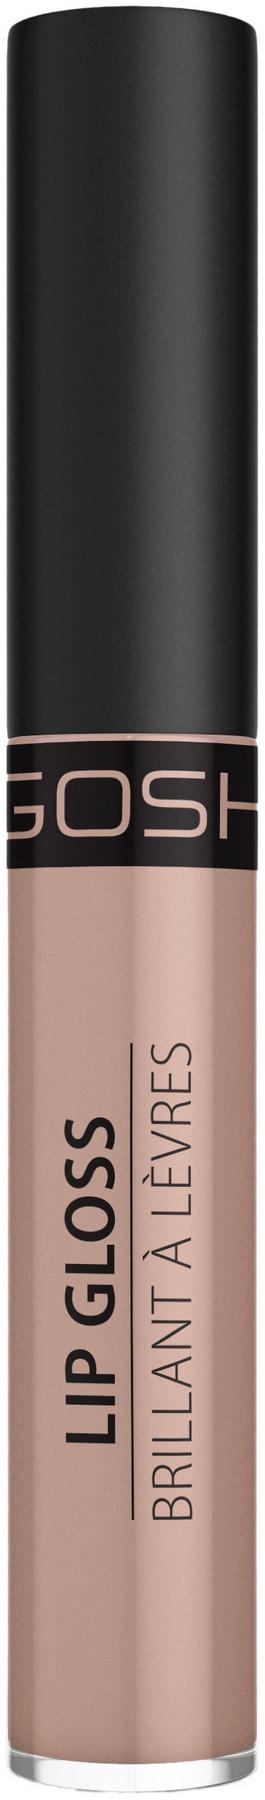 Купить Блеск для губ Gosh Lip Gloss 003, GOSH COPENHAGEN